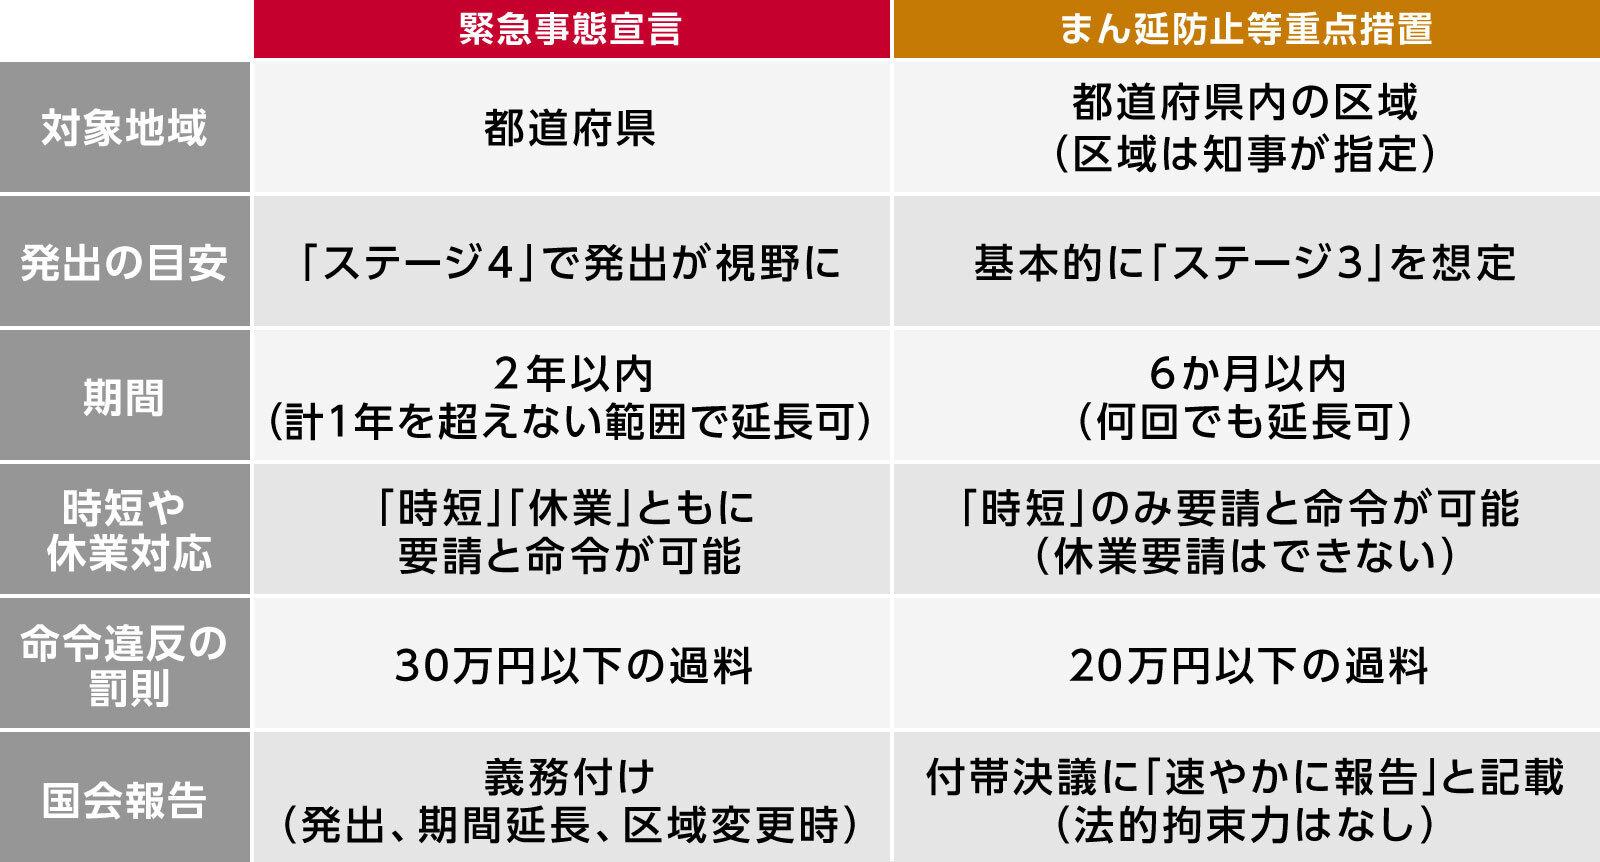 令和3年4月5日から5月5日まで大阪府より新型コロナ感染症『まん延防止措置』発令の要請に従い、この期間のライブ営業時間を変更もしくはライブの延期をいたします